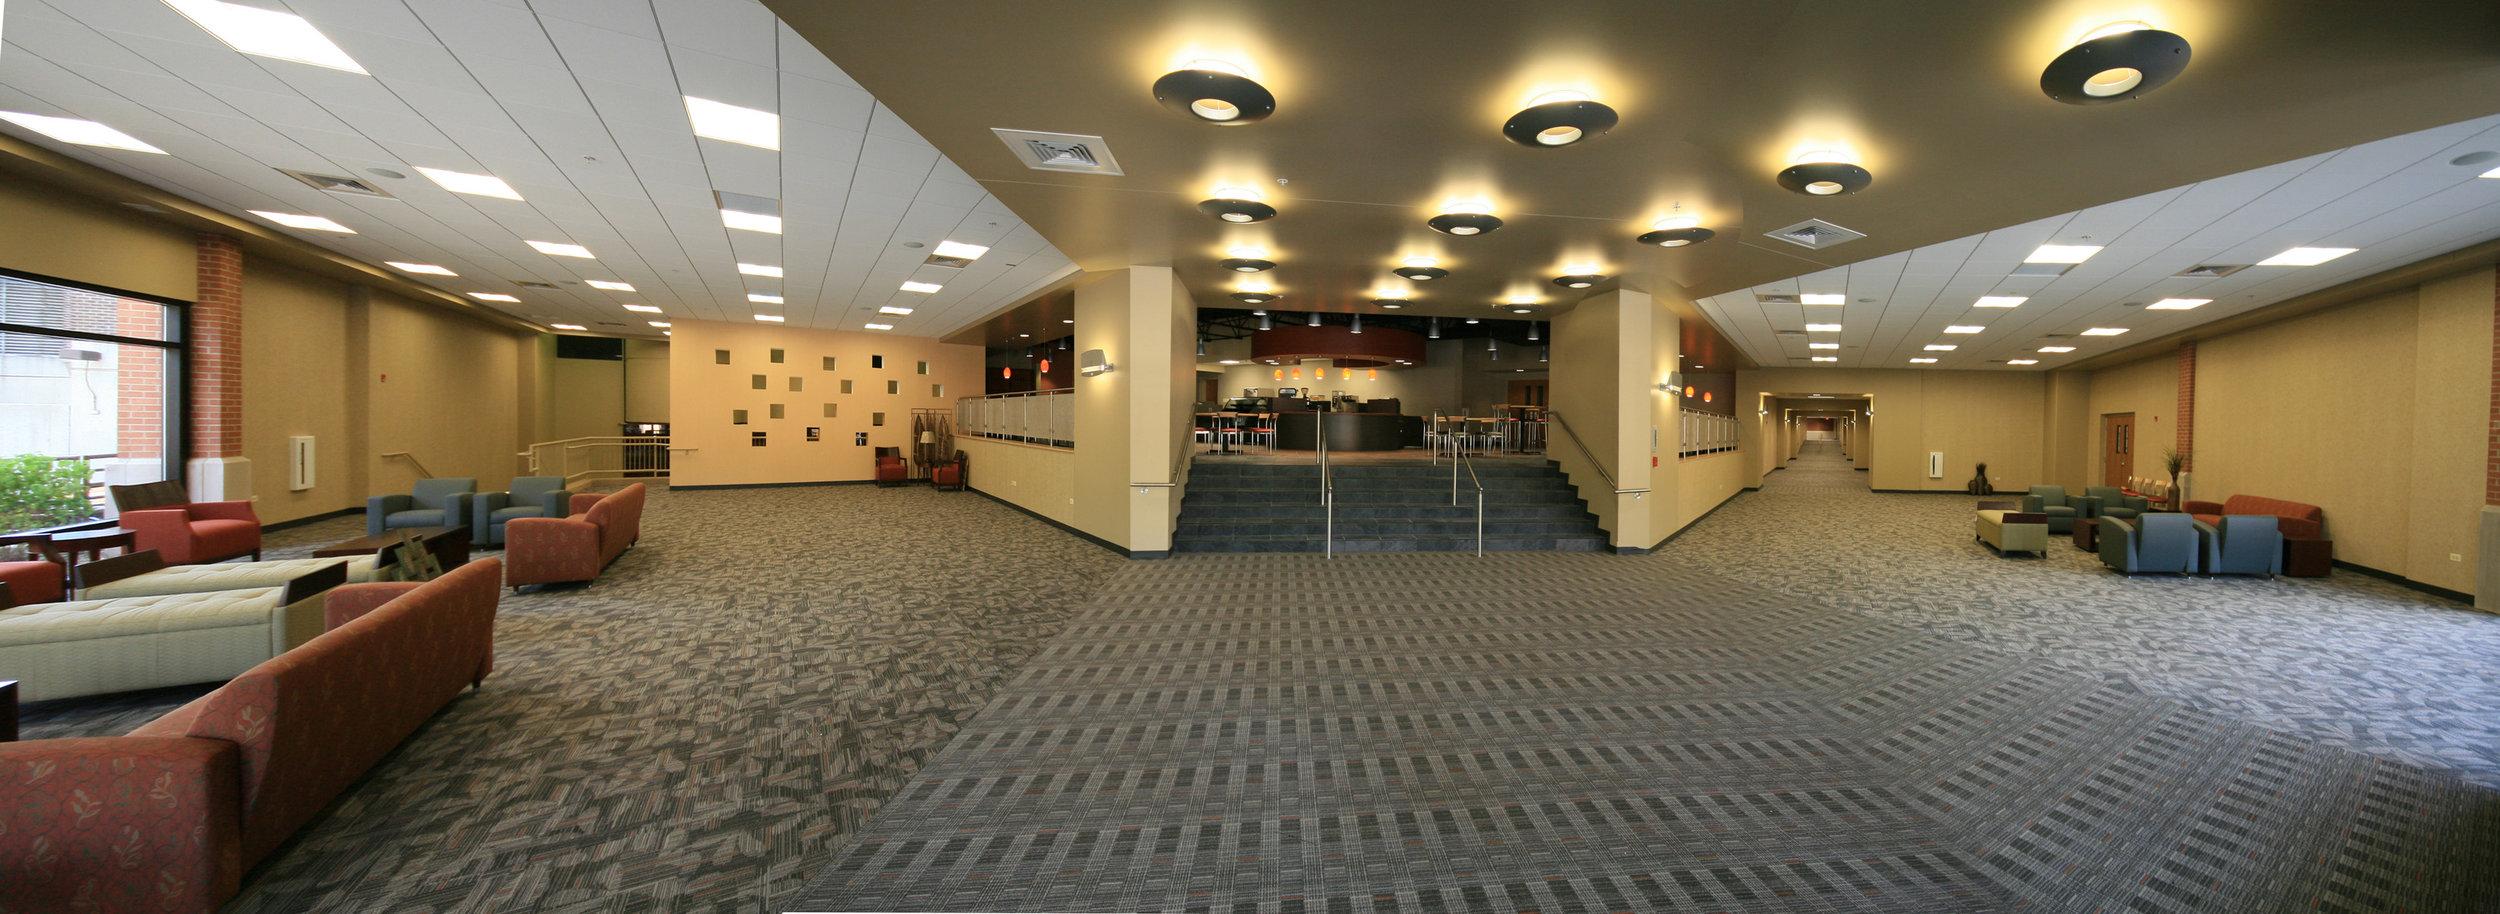 lobby panorama.jpg